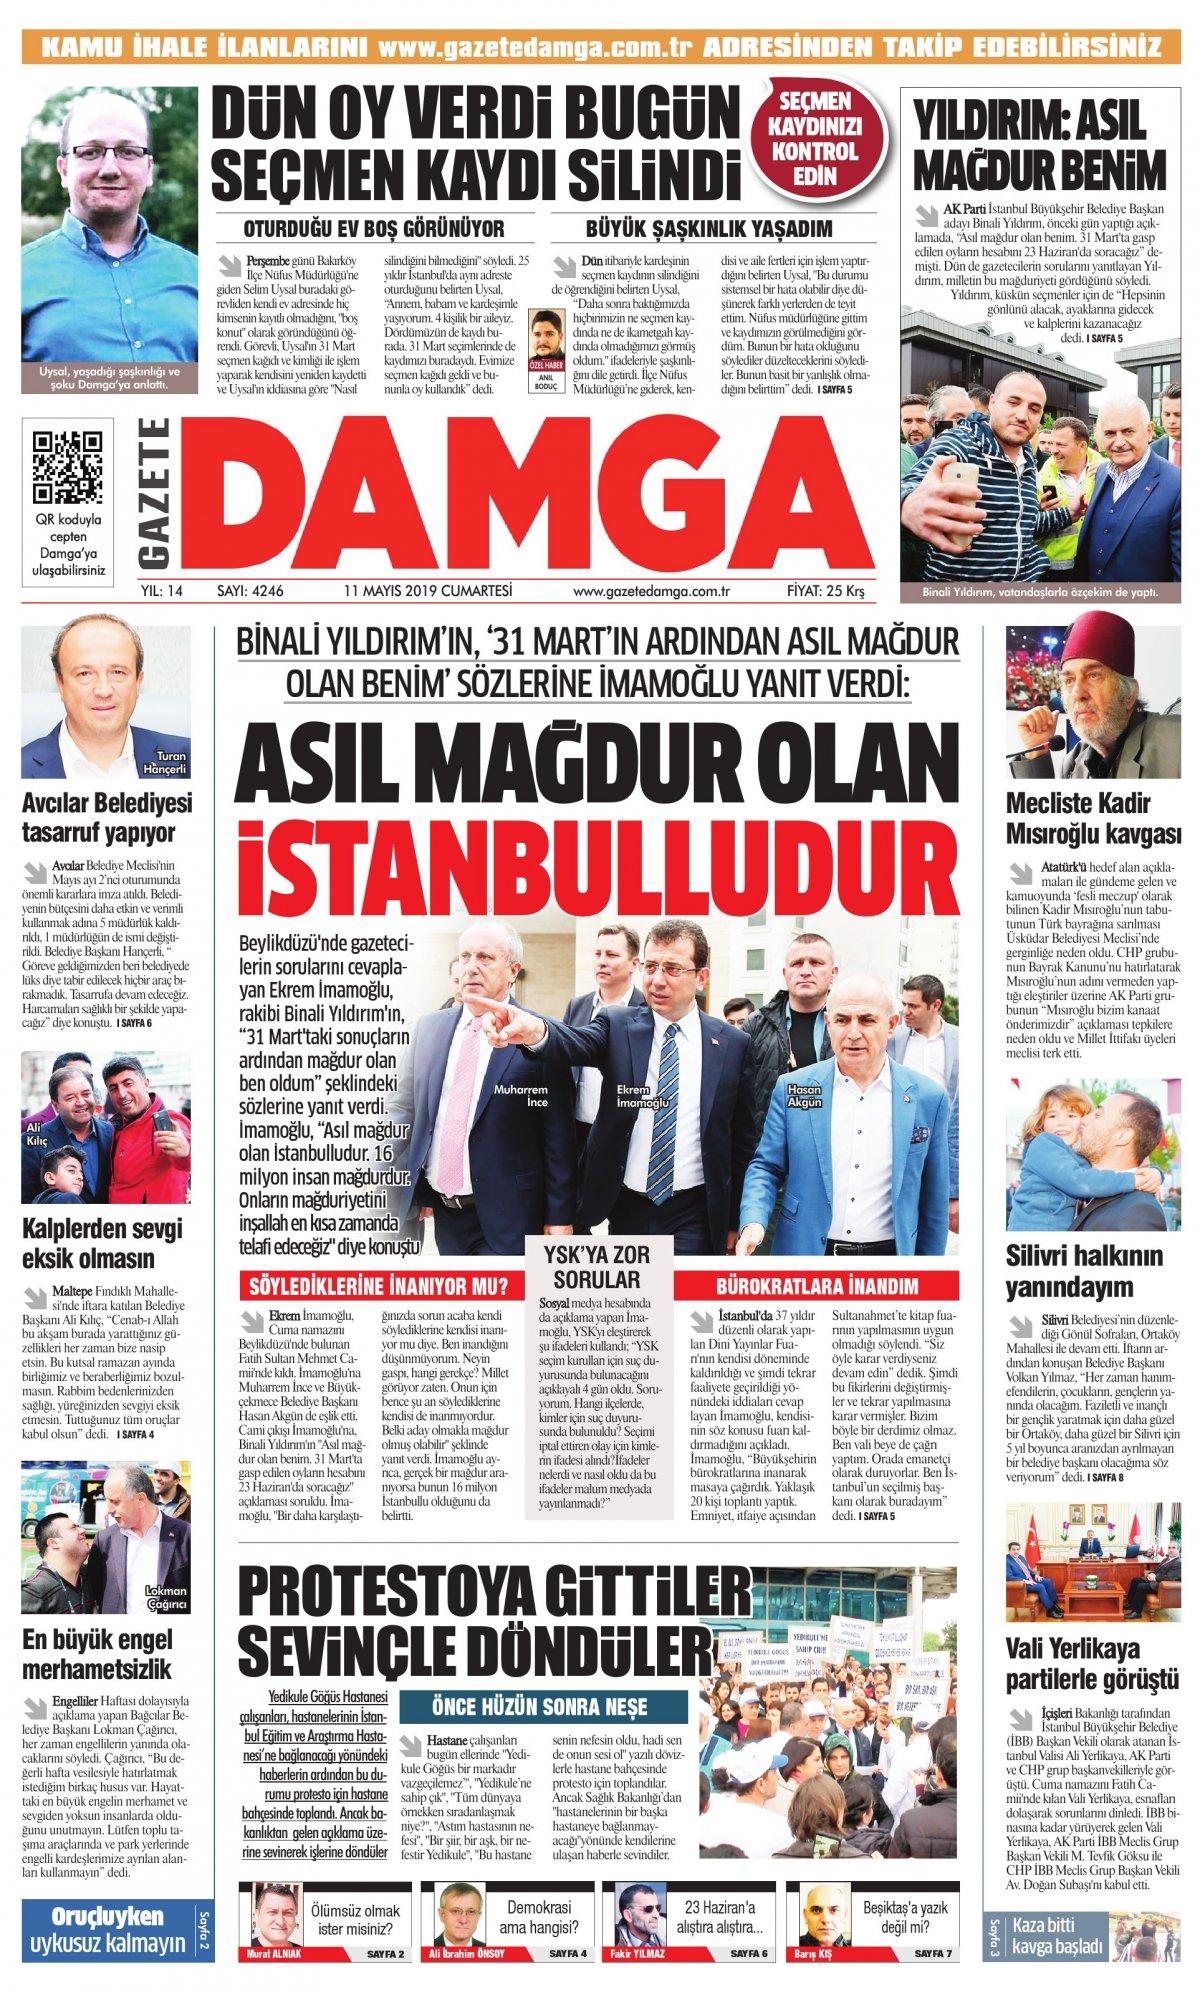 Gazete Damga - 11.05.2019 Sayfaları